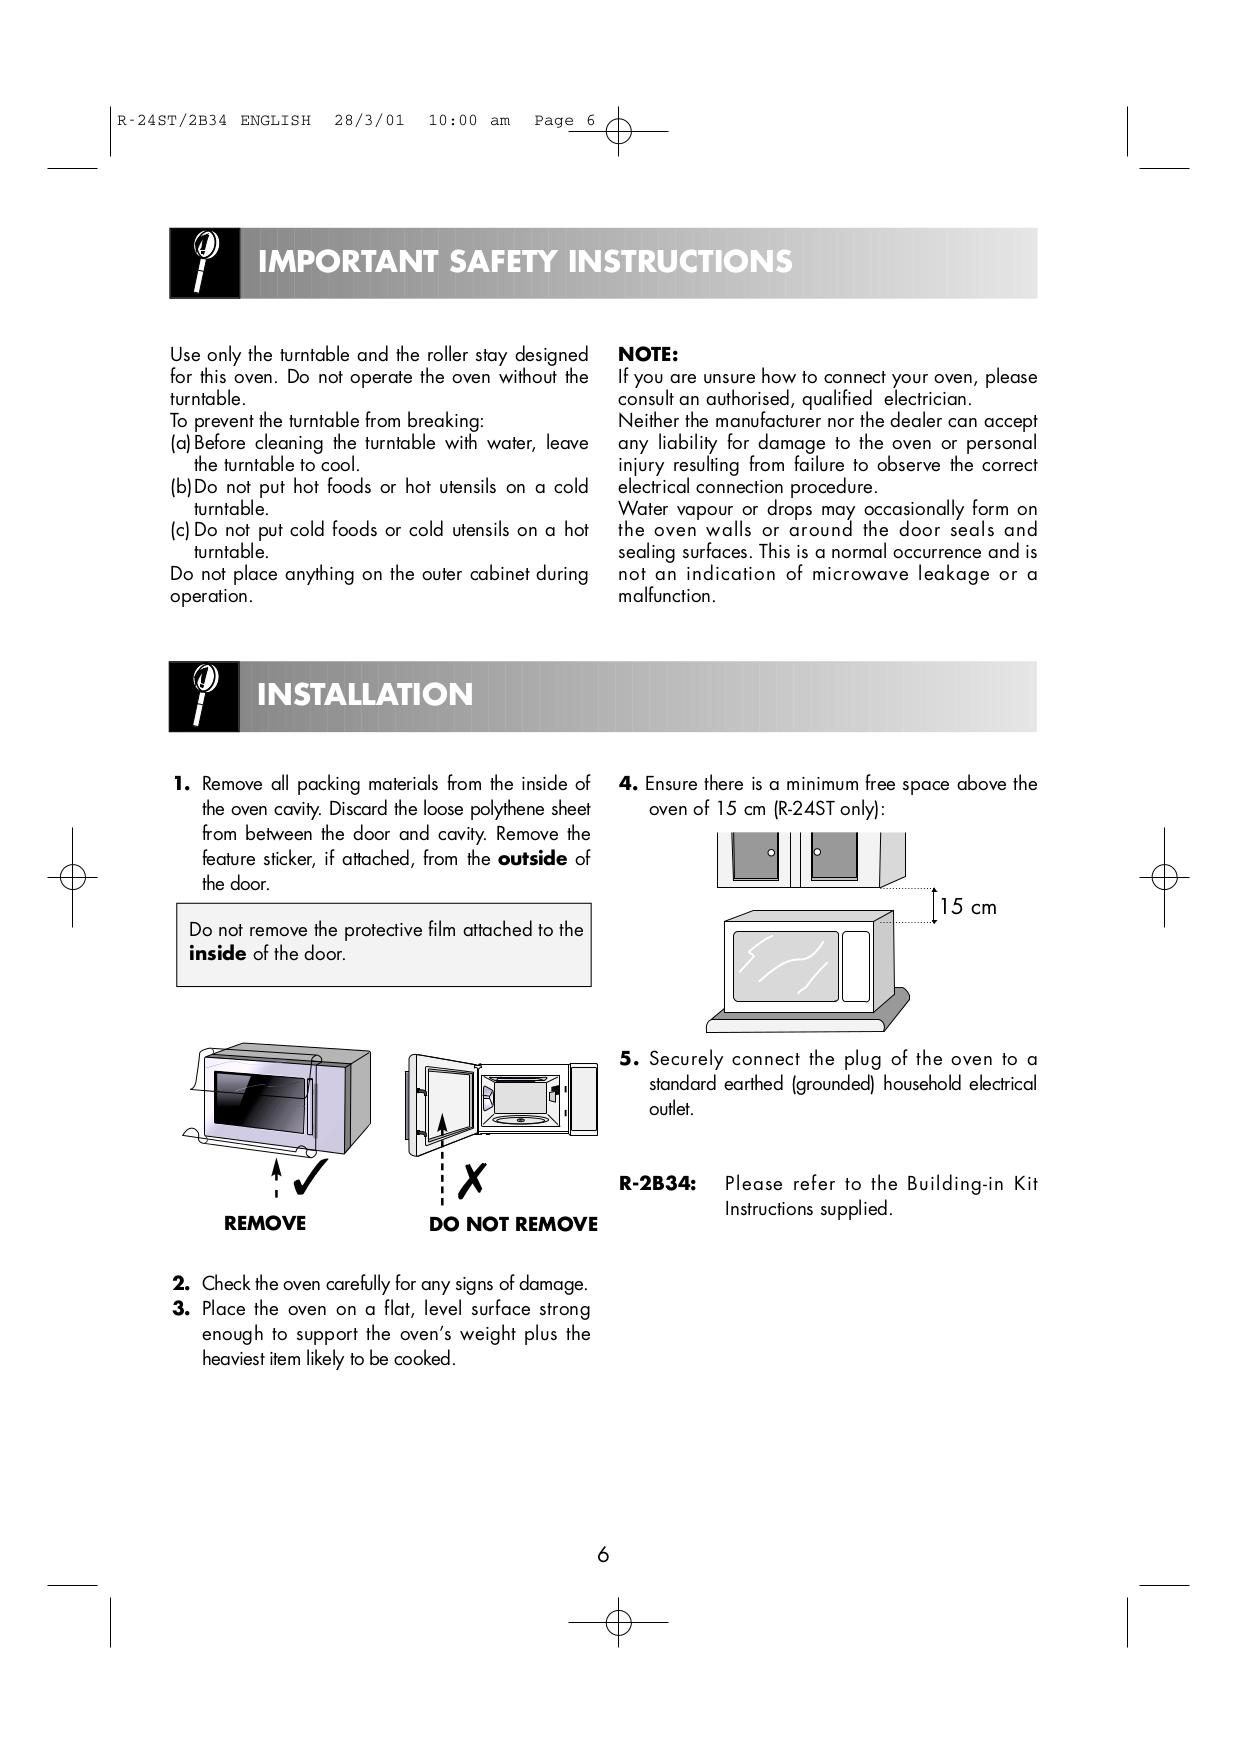 sharp r24st manual rh sharp r24st manual ecoflow us sharp r24st microwave manual